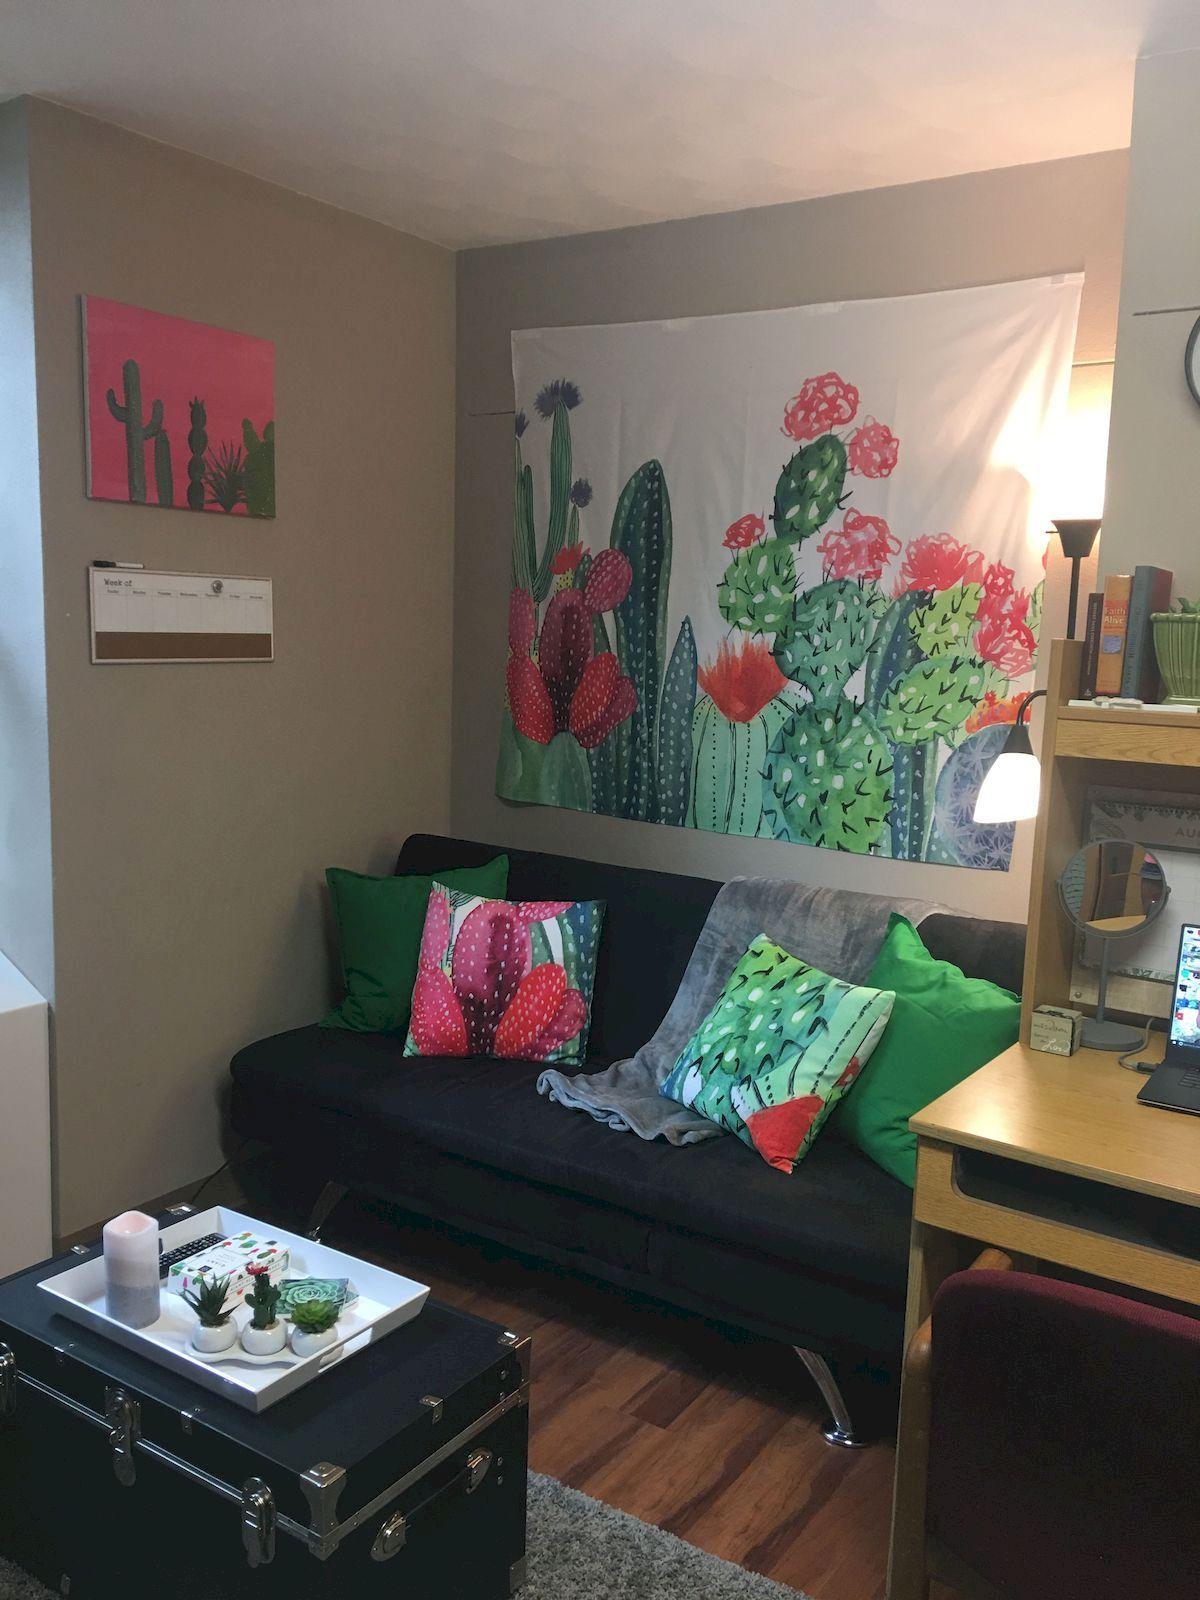 the best cactus decor ideas in 2019  dorm living room